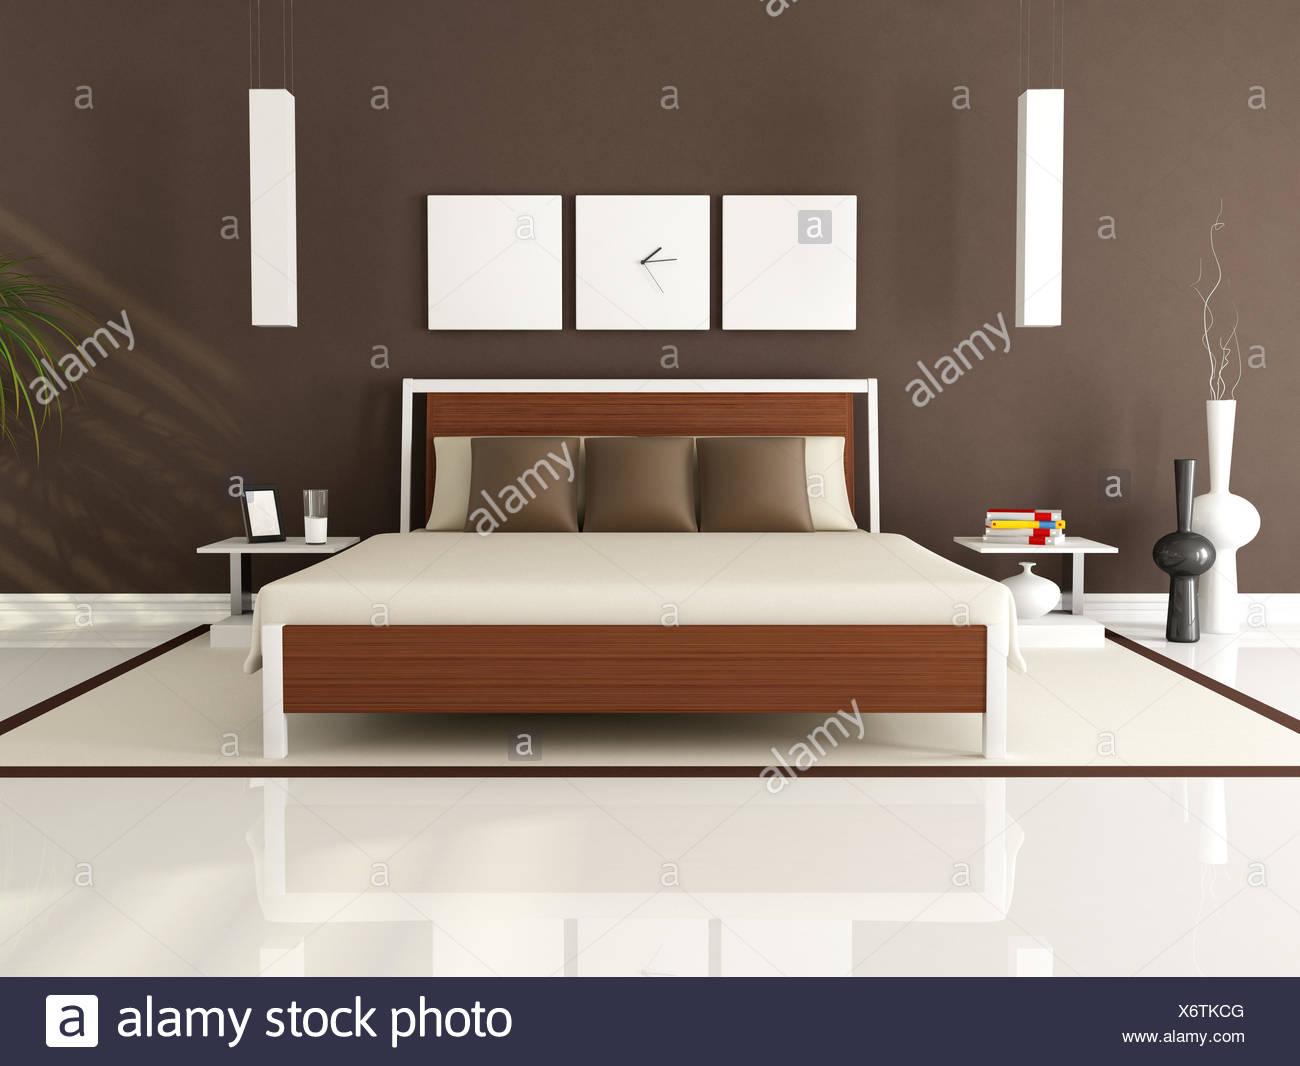 arredamento camera letto parete interna camera da letto